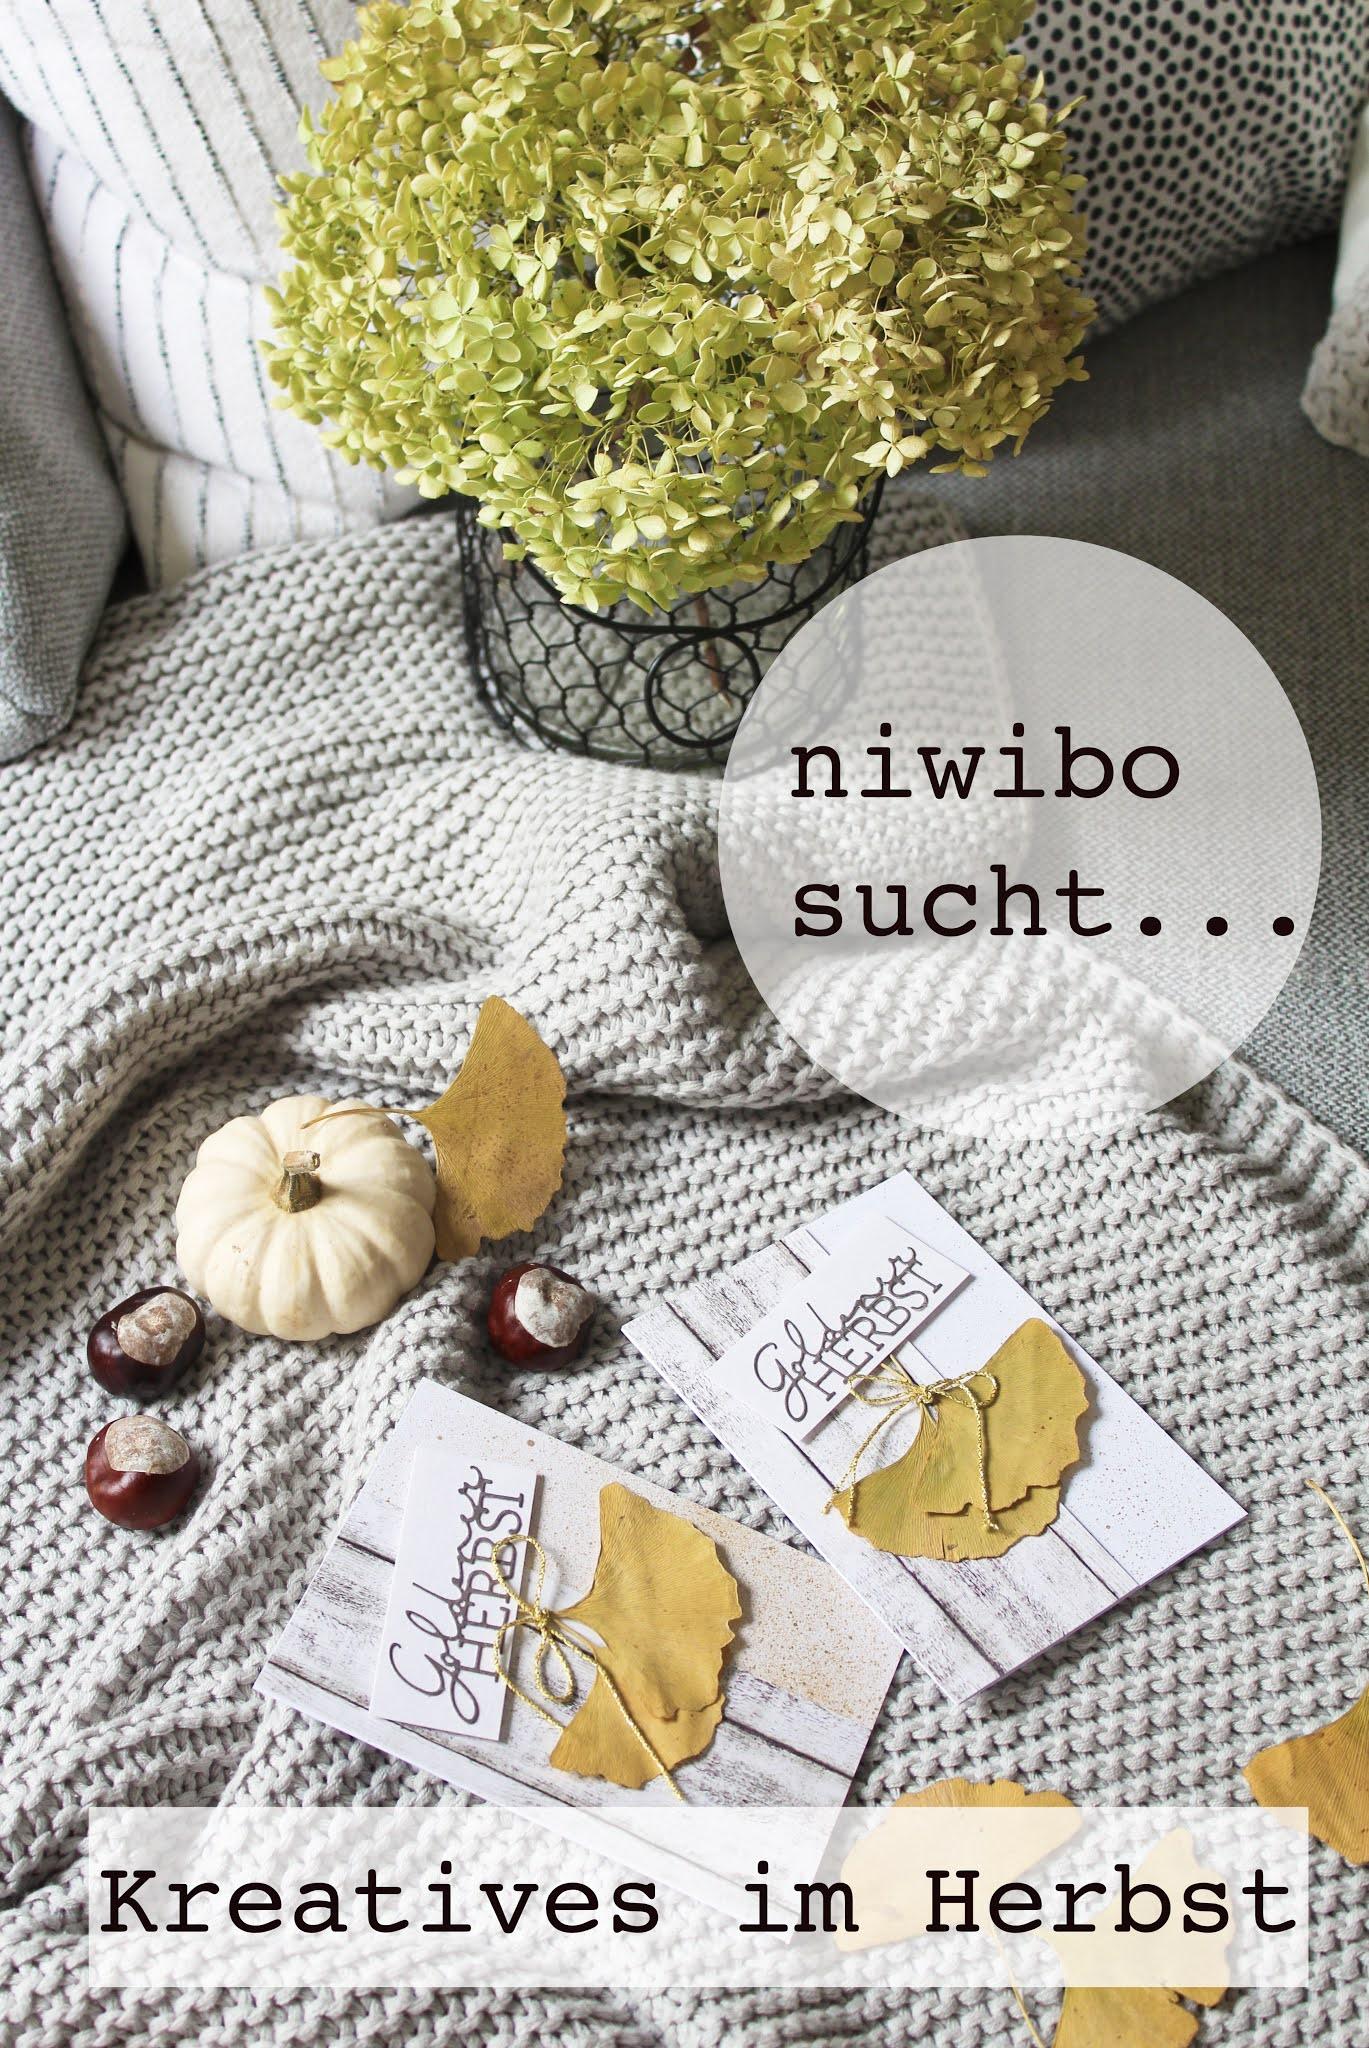 niwibo sucht... im Oktober